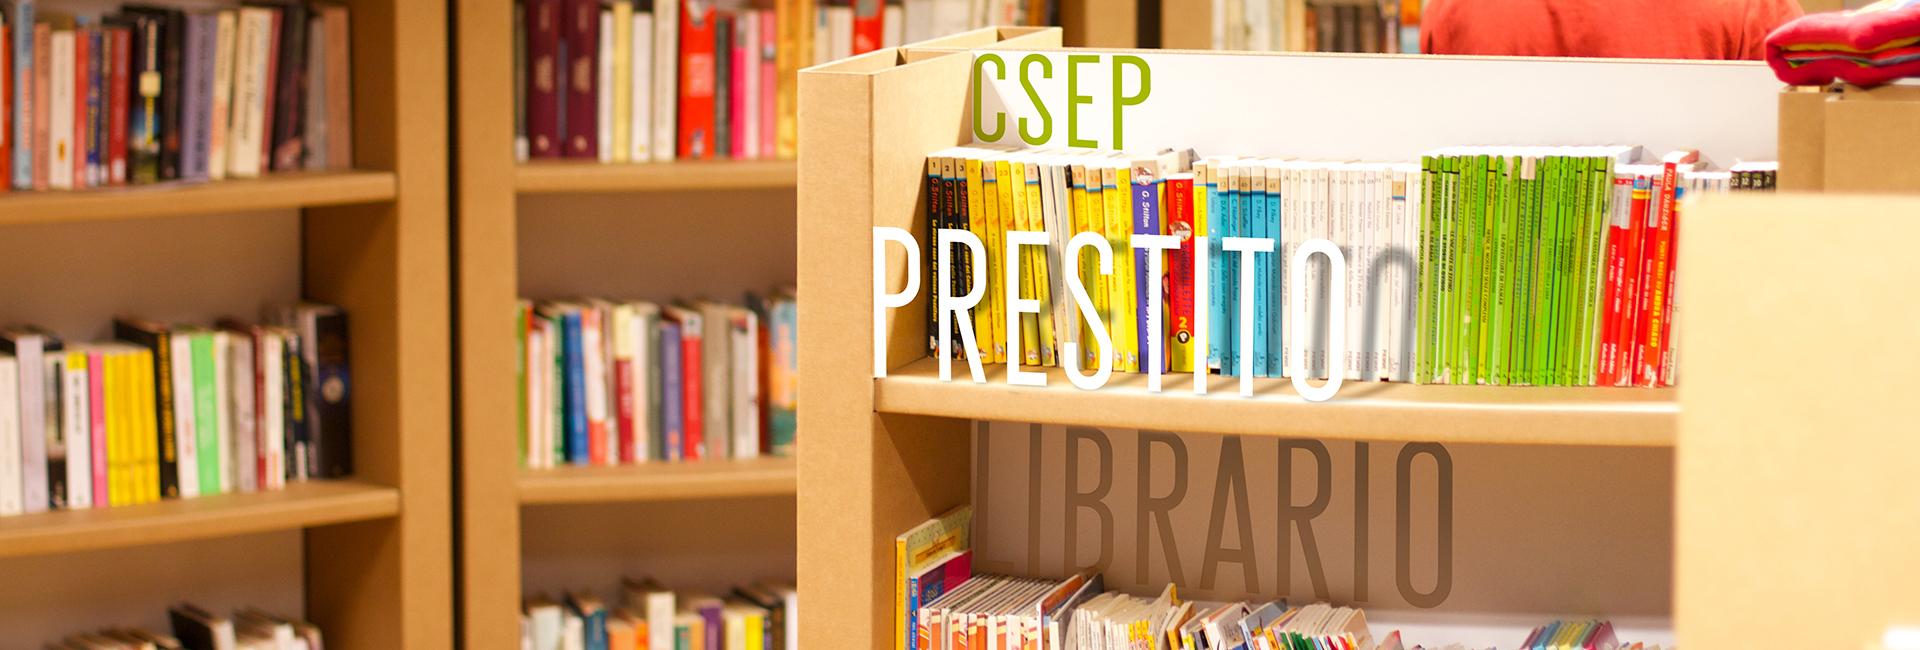 costess-csep-prestito-librario